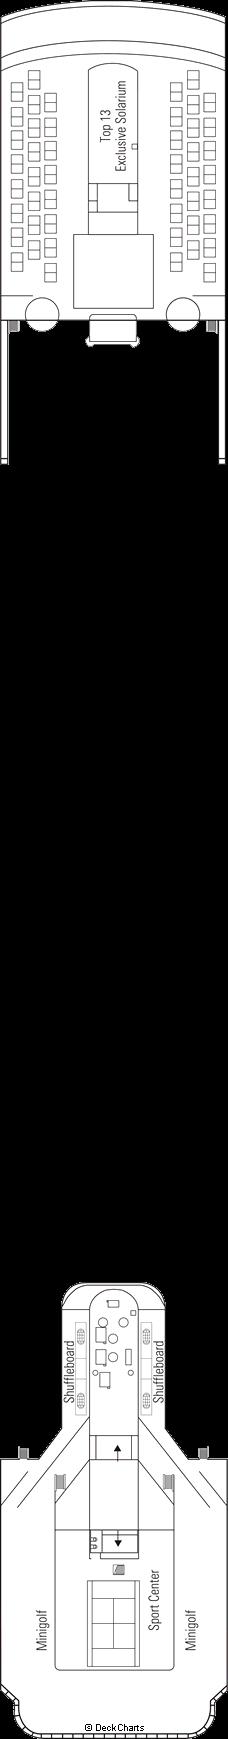 MSC Armonia: Games Deck / Sun Deck